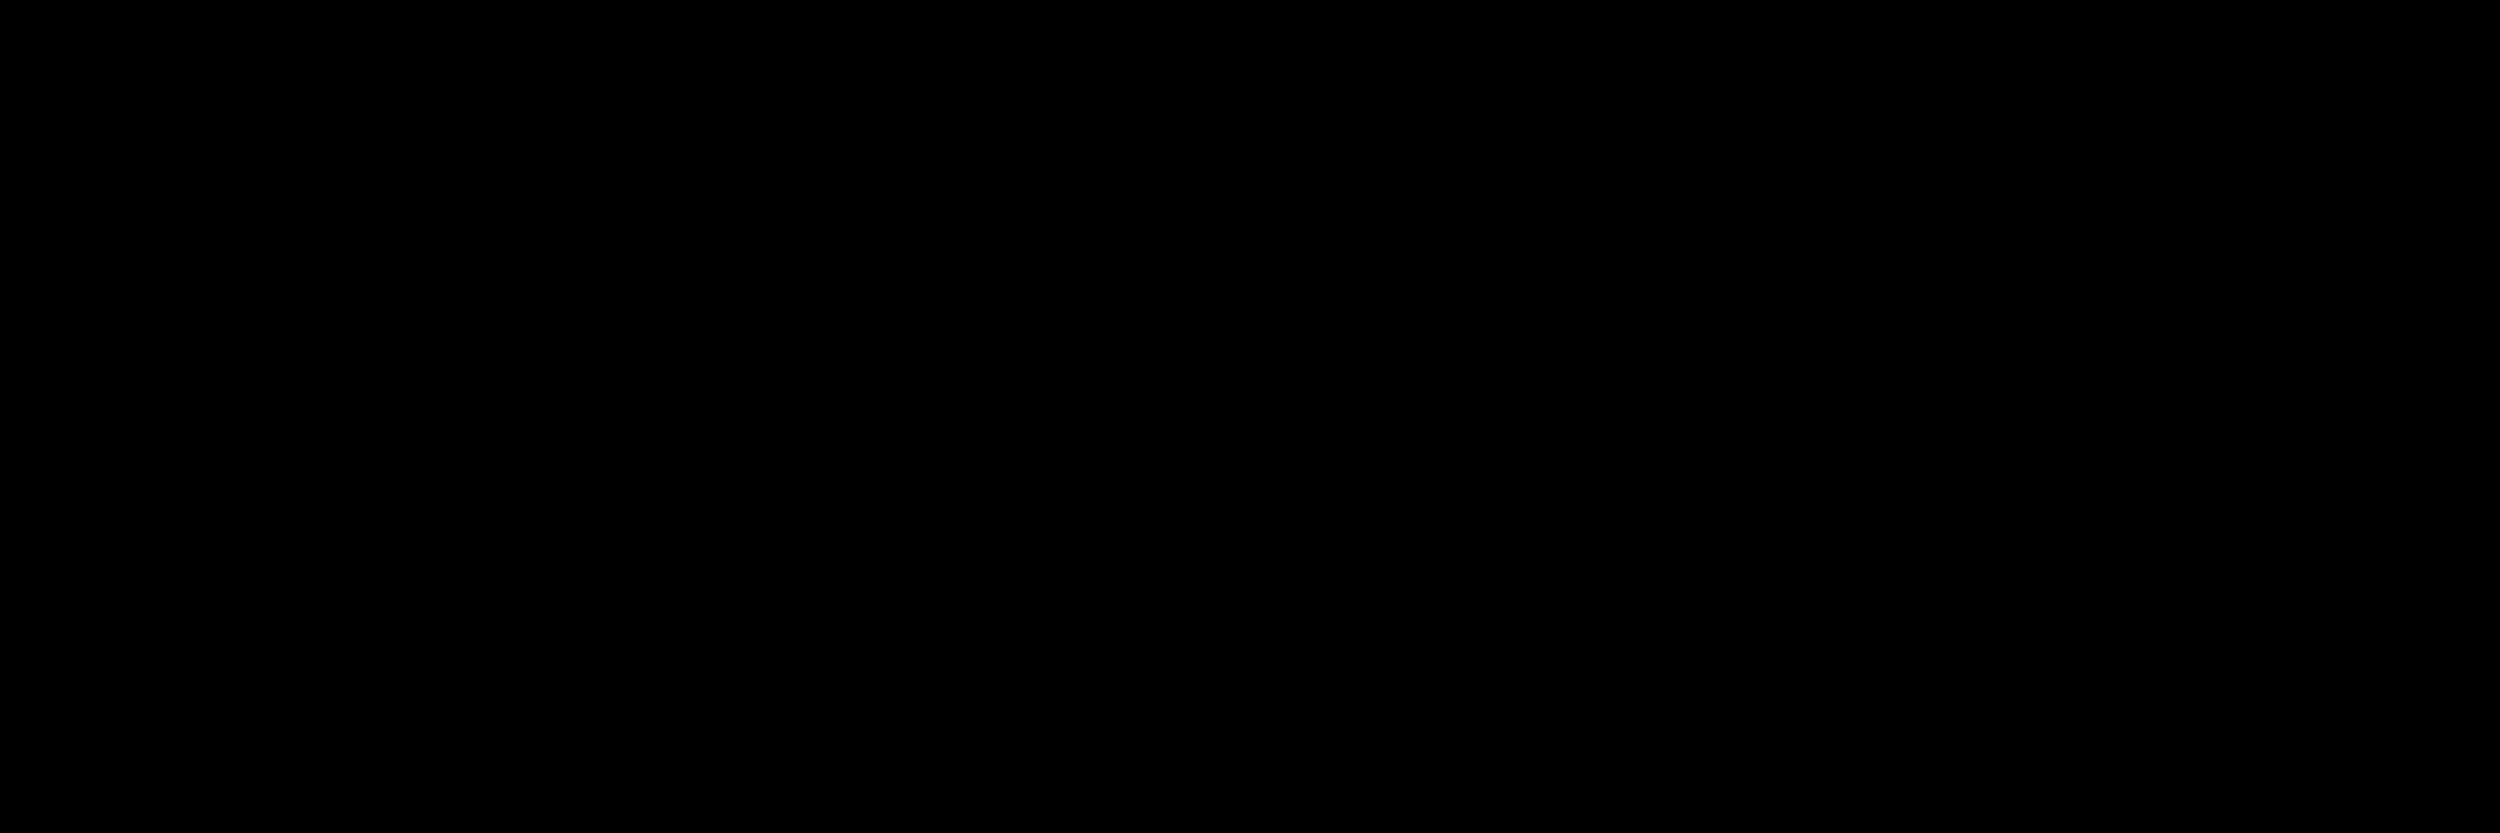 Logomrk_wrdmrk hrz black trnsprnt.png